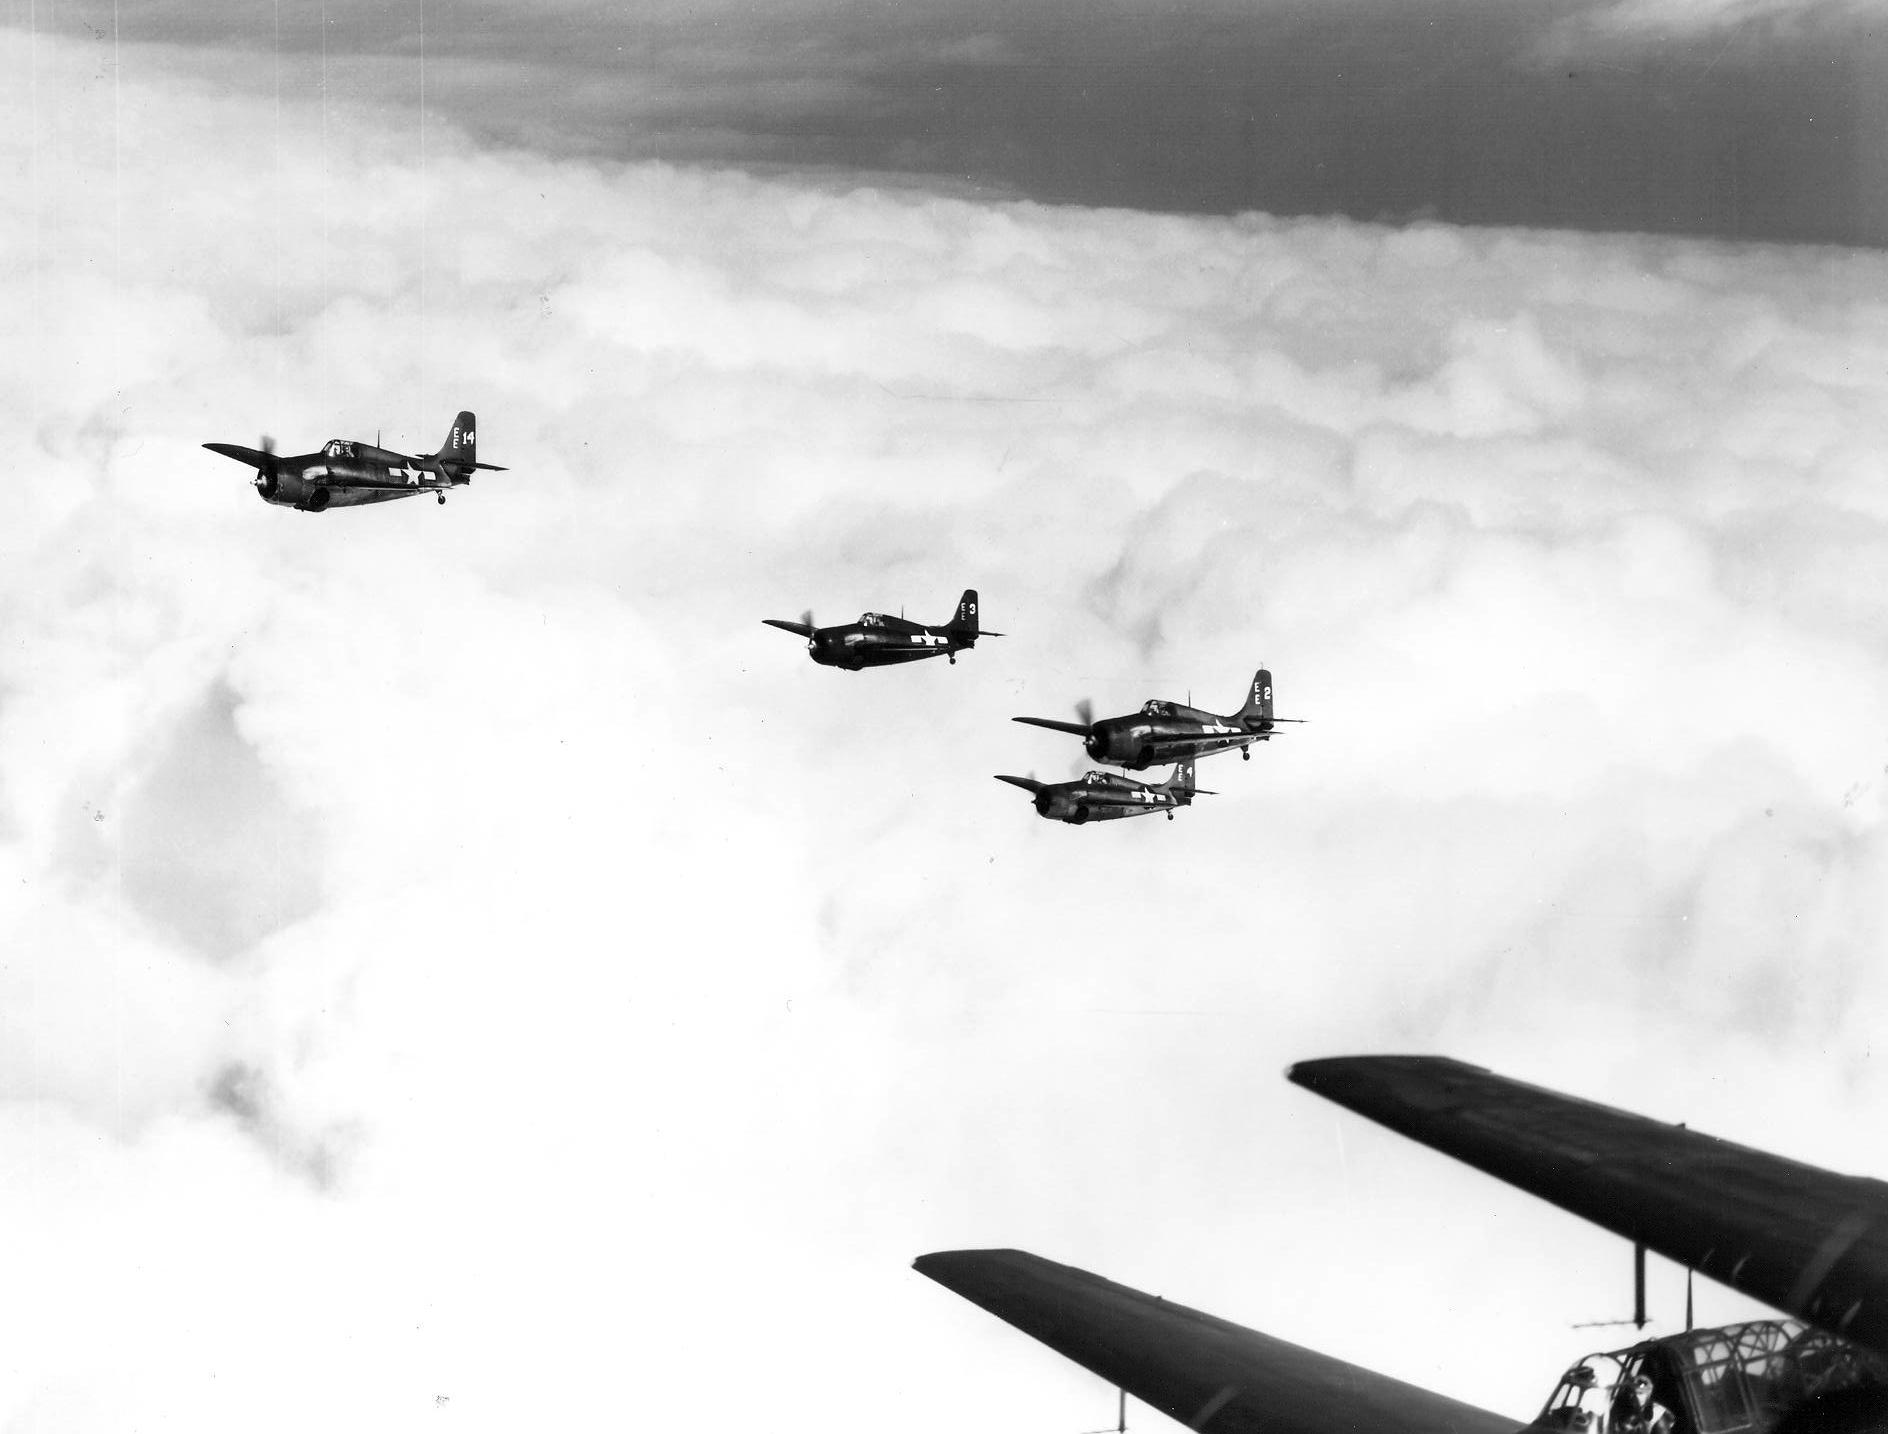 FM 2 Wildcat White EE14,EE3,EE2 and EE4 in flight CVE 101 USS Matanikay Oct 1944 01